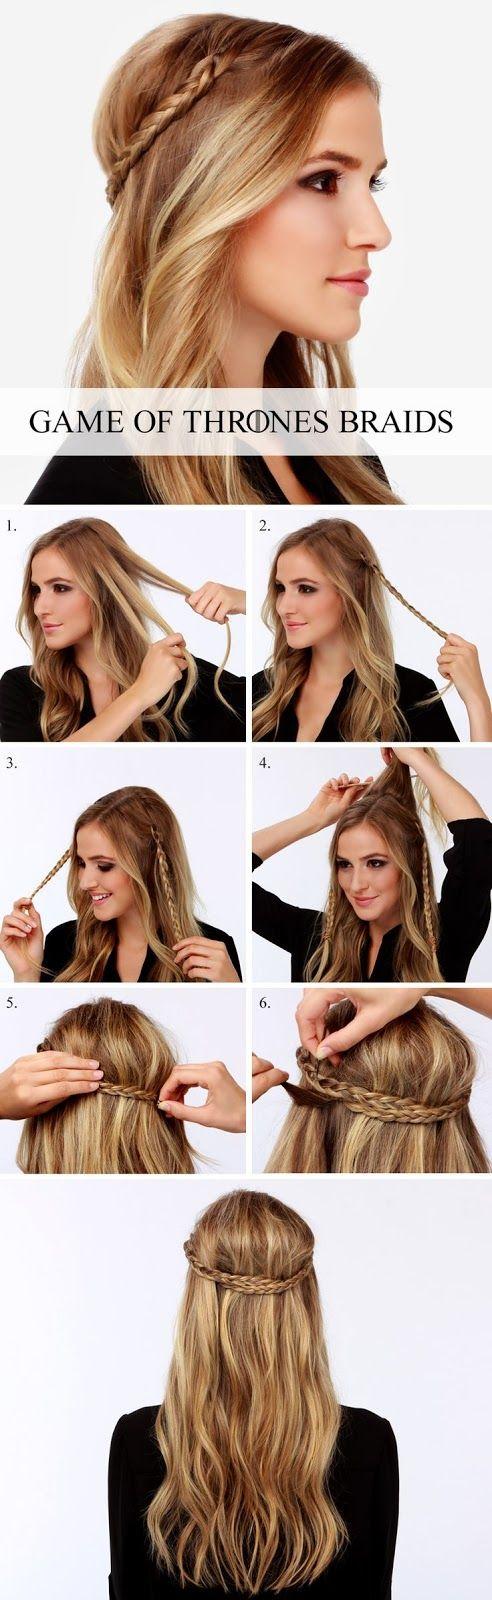 6 penteados simples pra você fazer em casa.